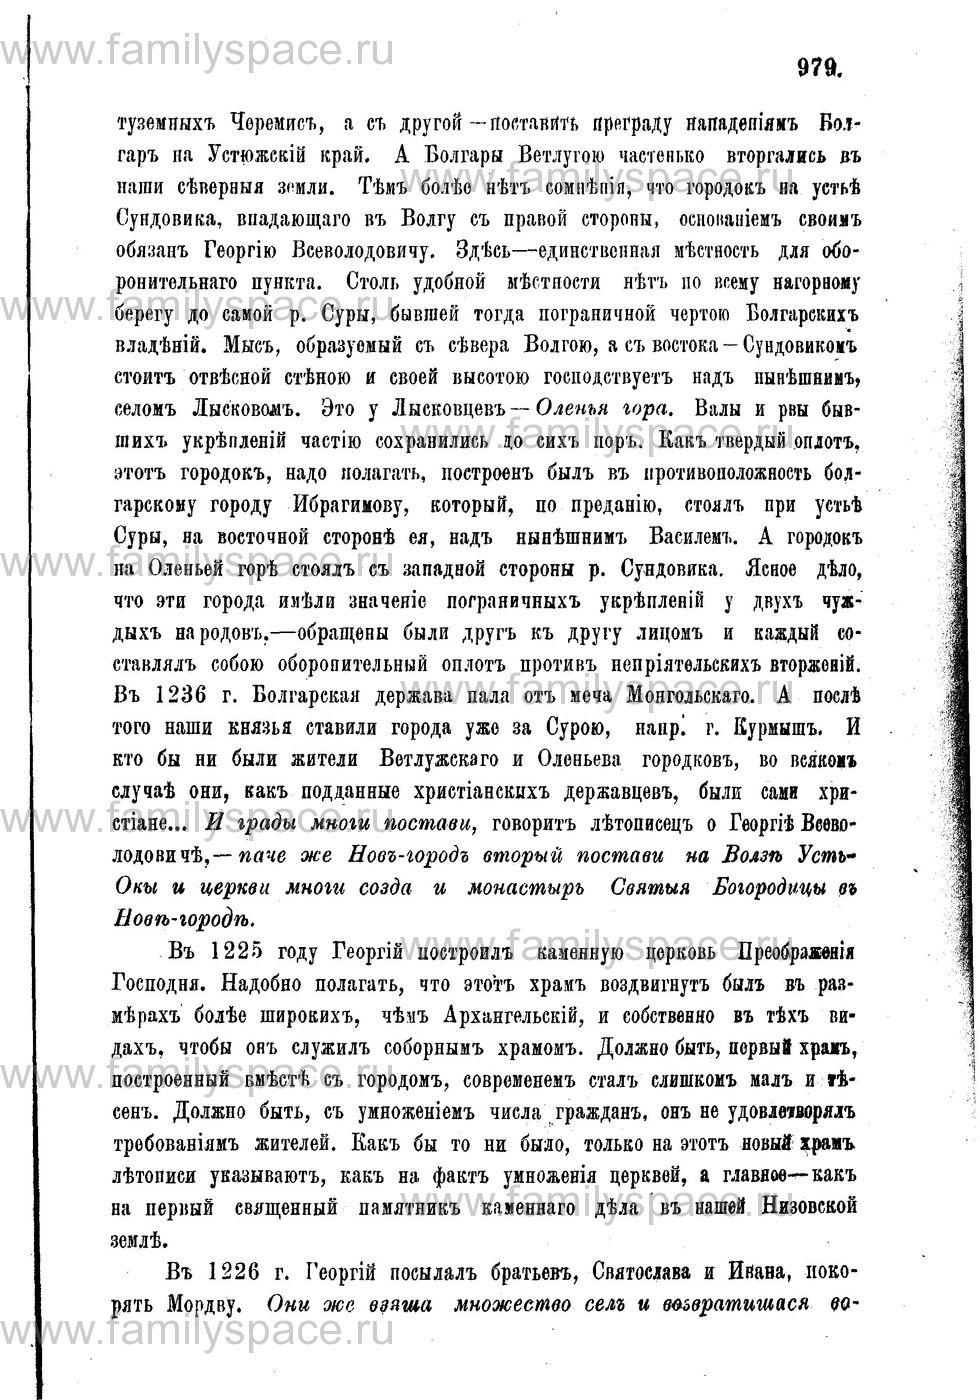 Поиск по фамилии - Адрес-календарь Нижегородской епархии на 1888 год, страница 1979